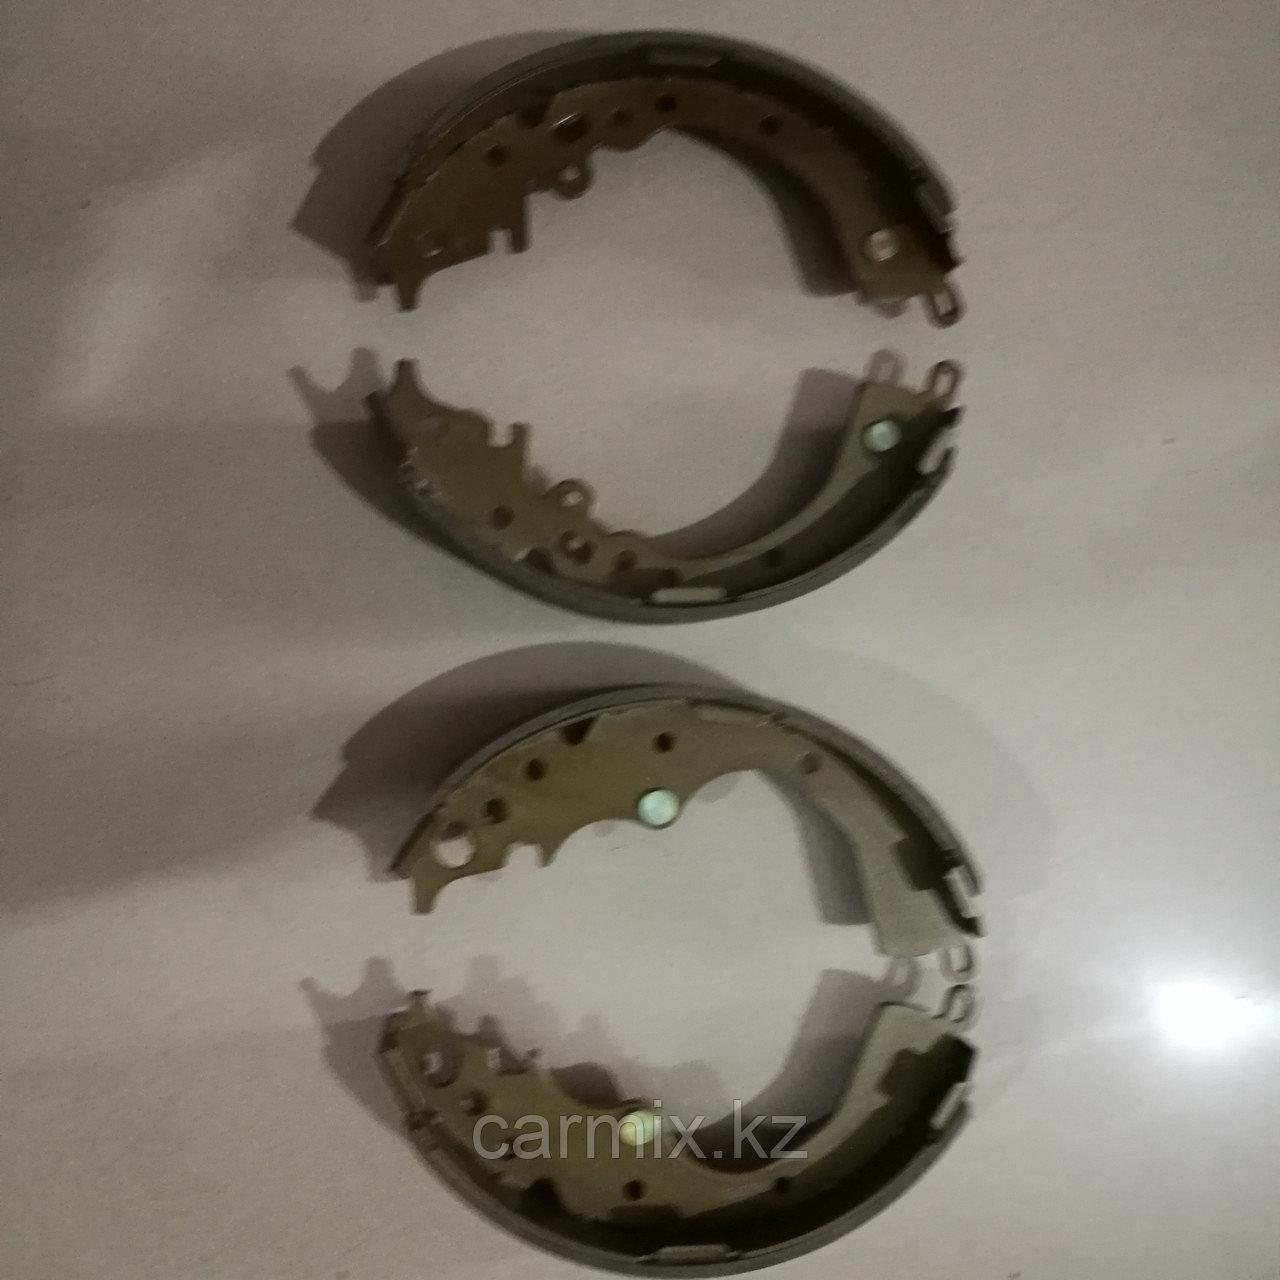 Тормозные колодки задние барабанные HIACE TRH223 2004-2010